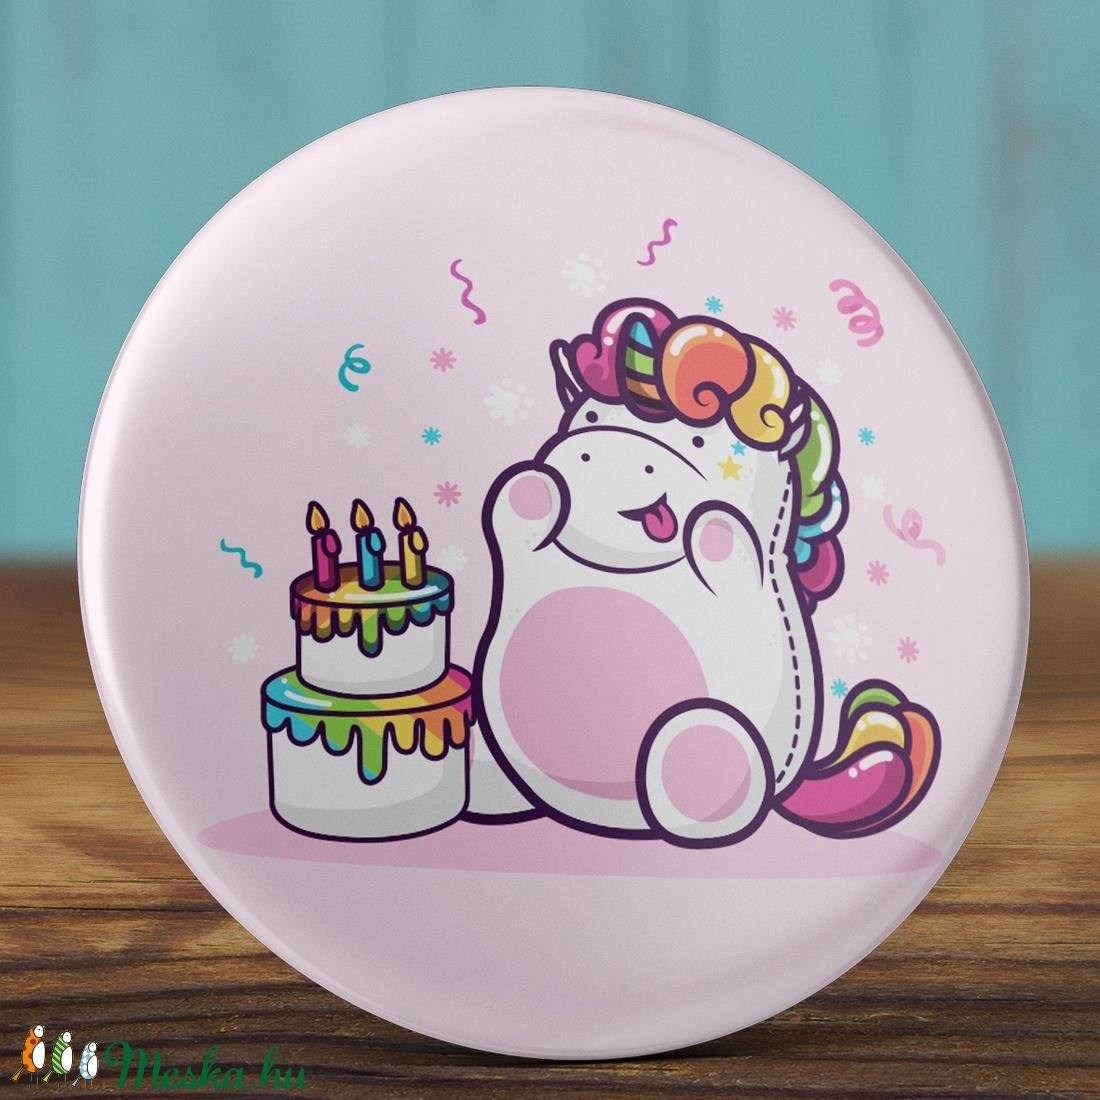 Boldog szülinapot unikornis kitűző - unicorn bross - happy birthday - ajándék - szülinap tükör - születésnap (AngelPin) - Meska.hu